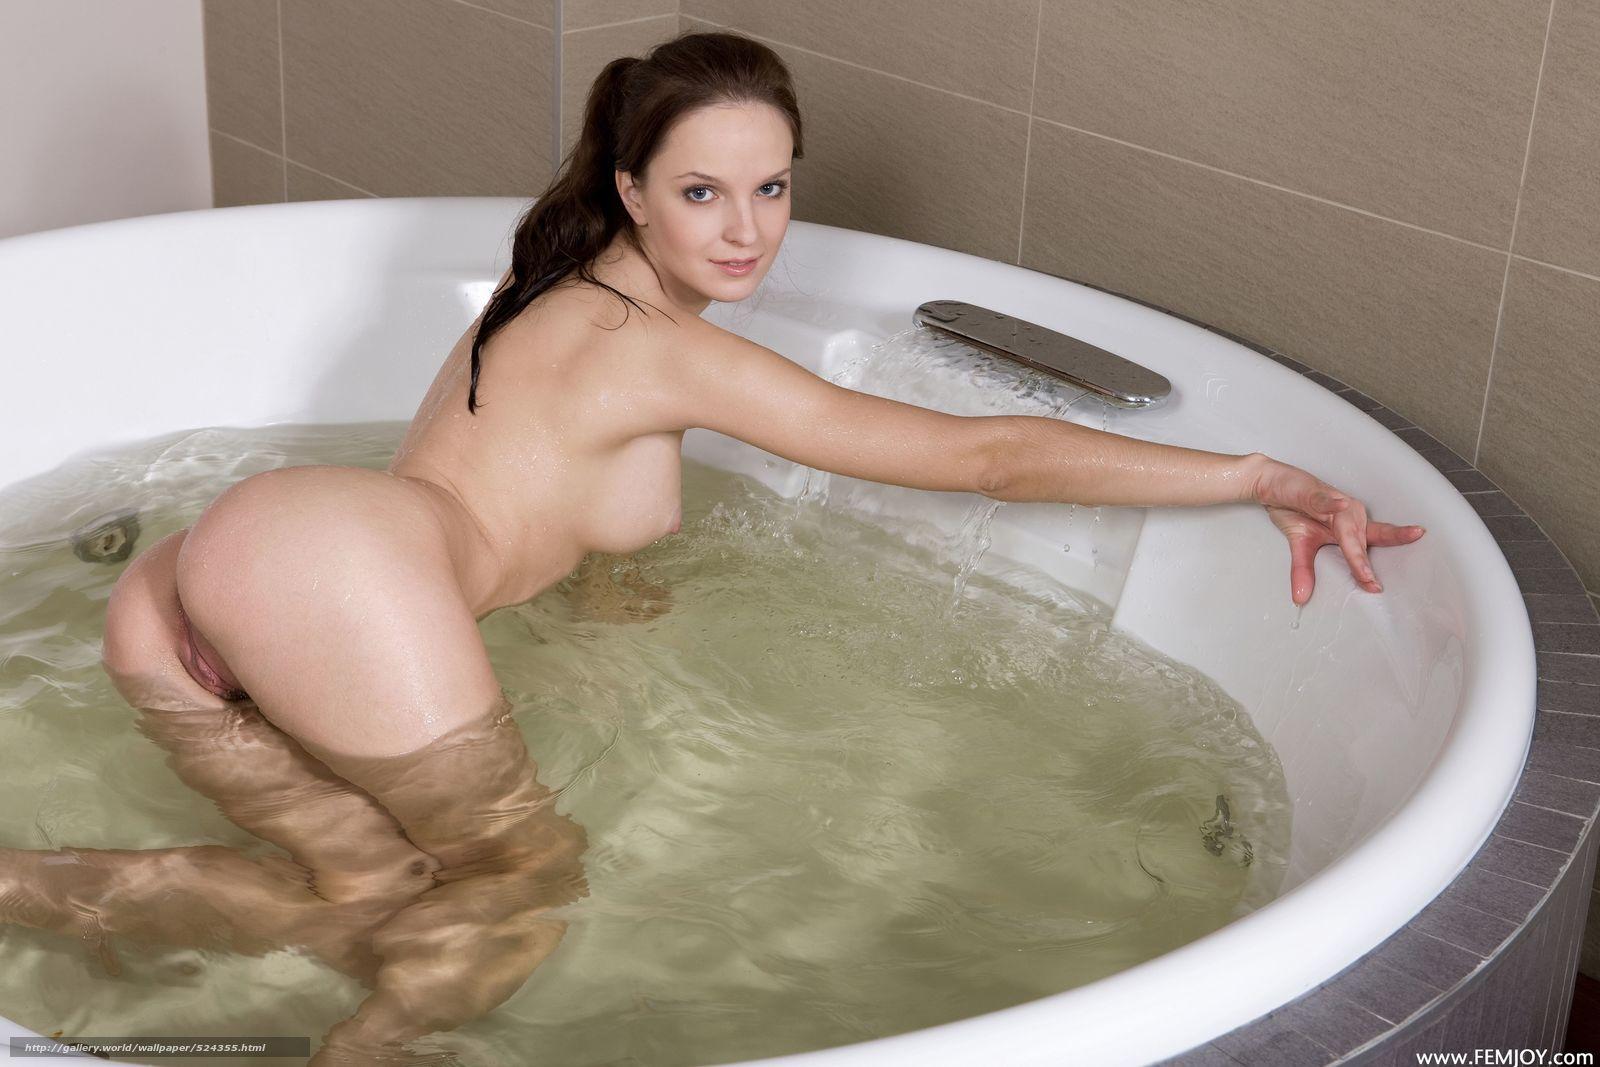 Смотреть онлайн как девушки моются в бане 9 фотография